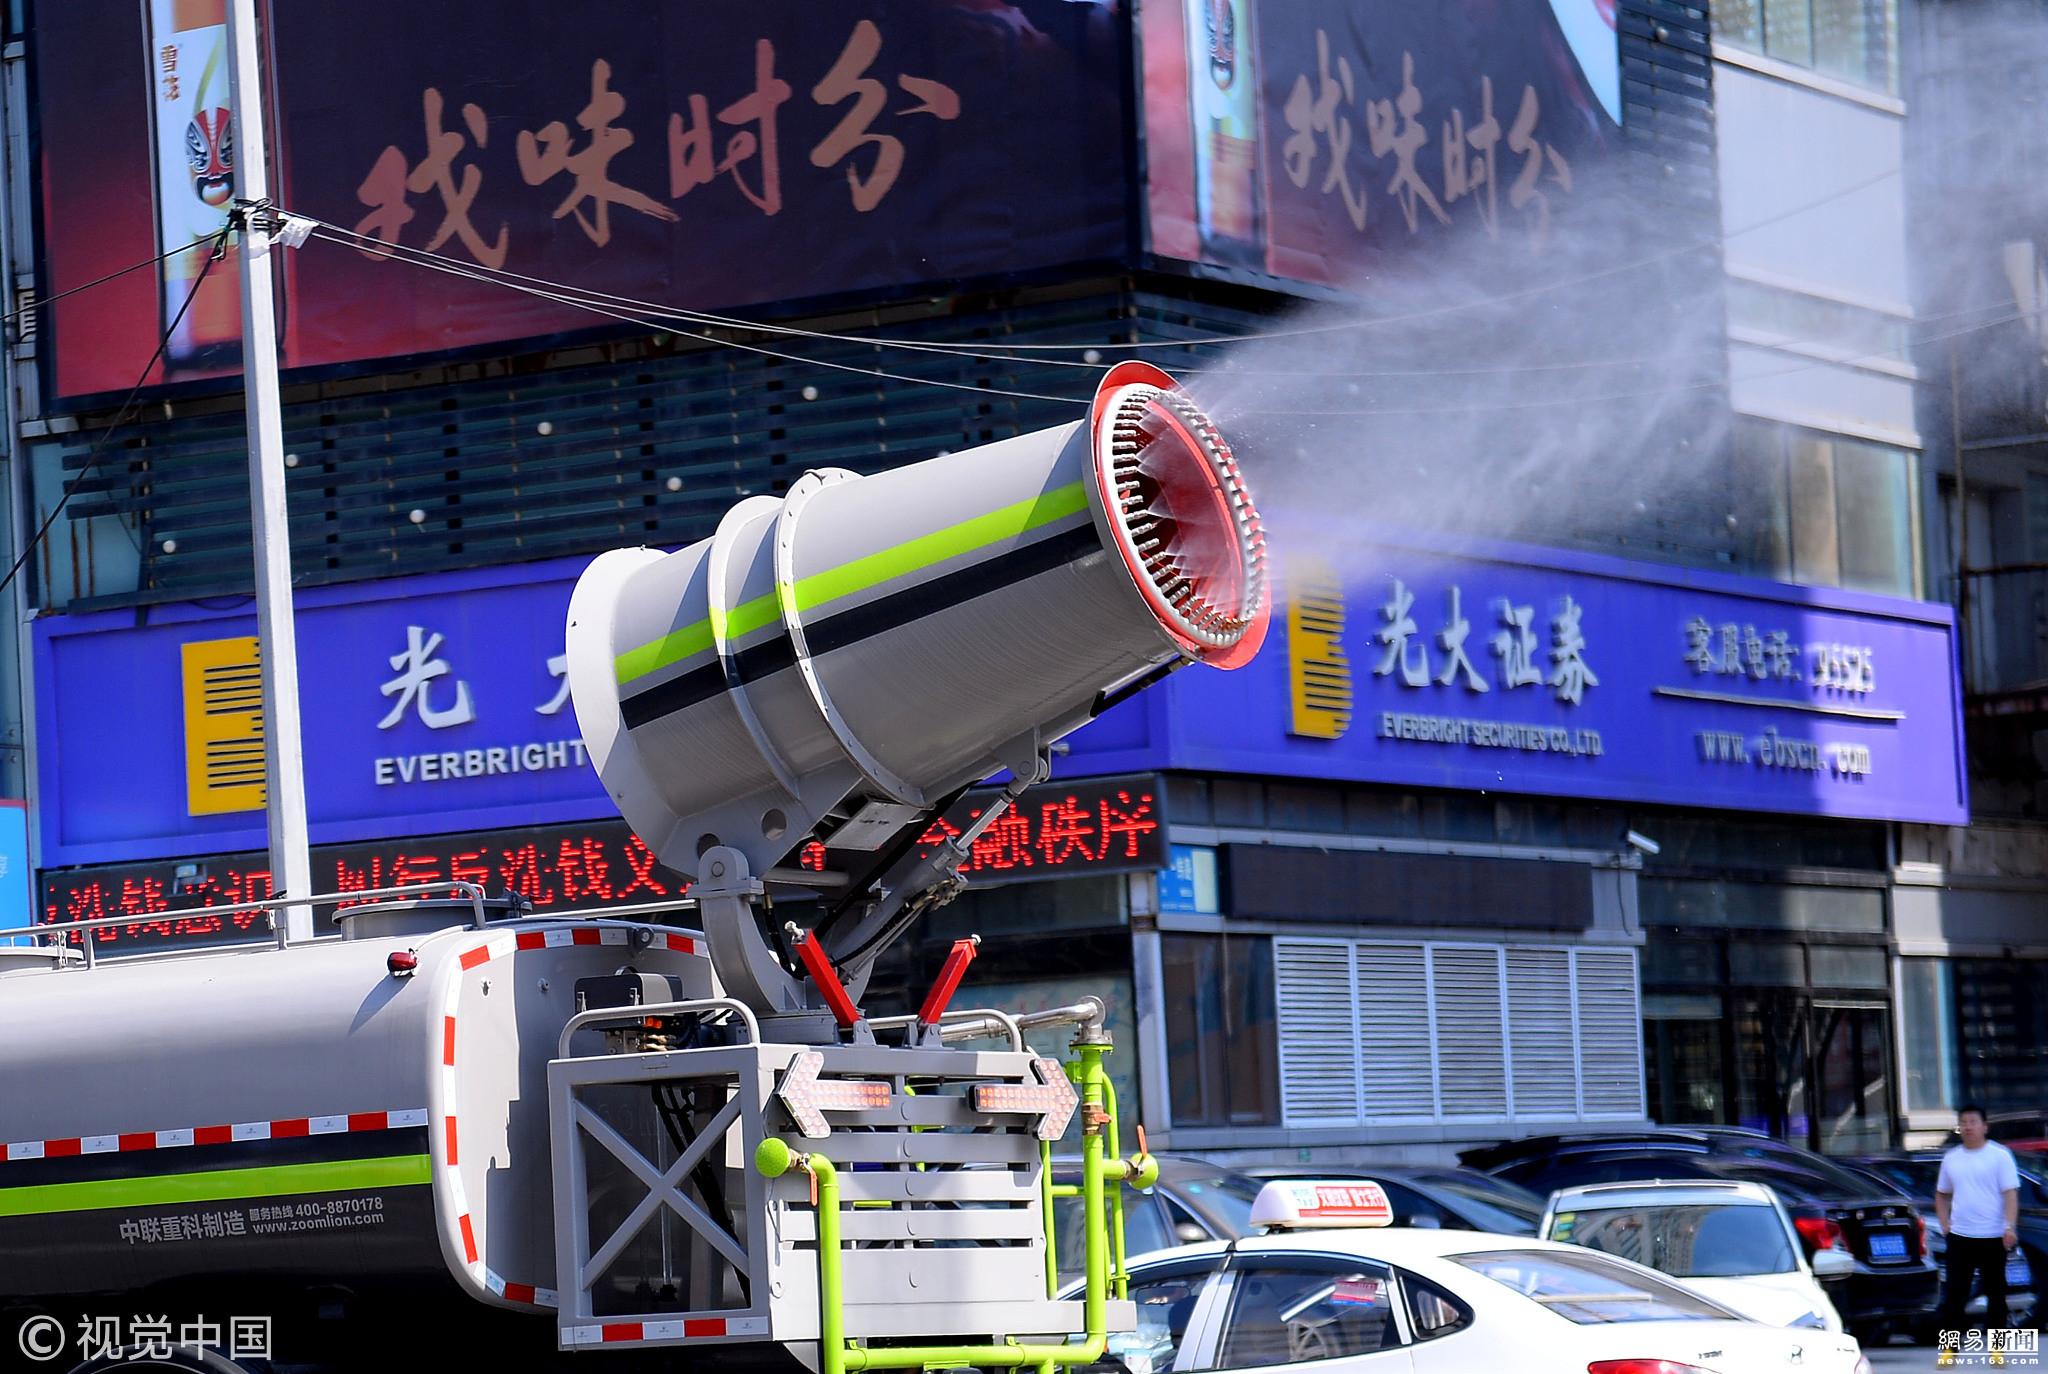 沈阳持续高温 大炮出动上街降温! - 周公乐 - xinhua8848 的博客